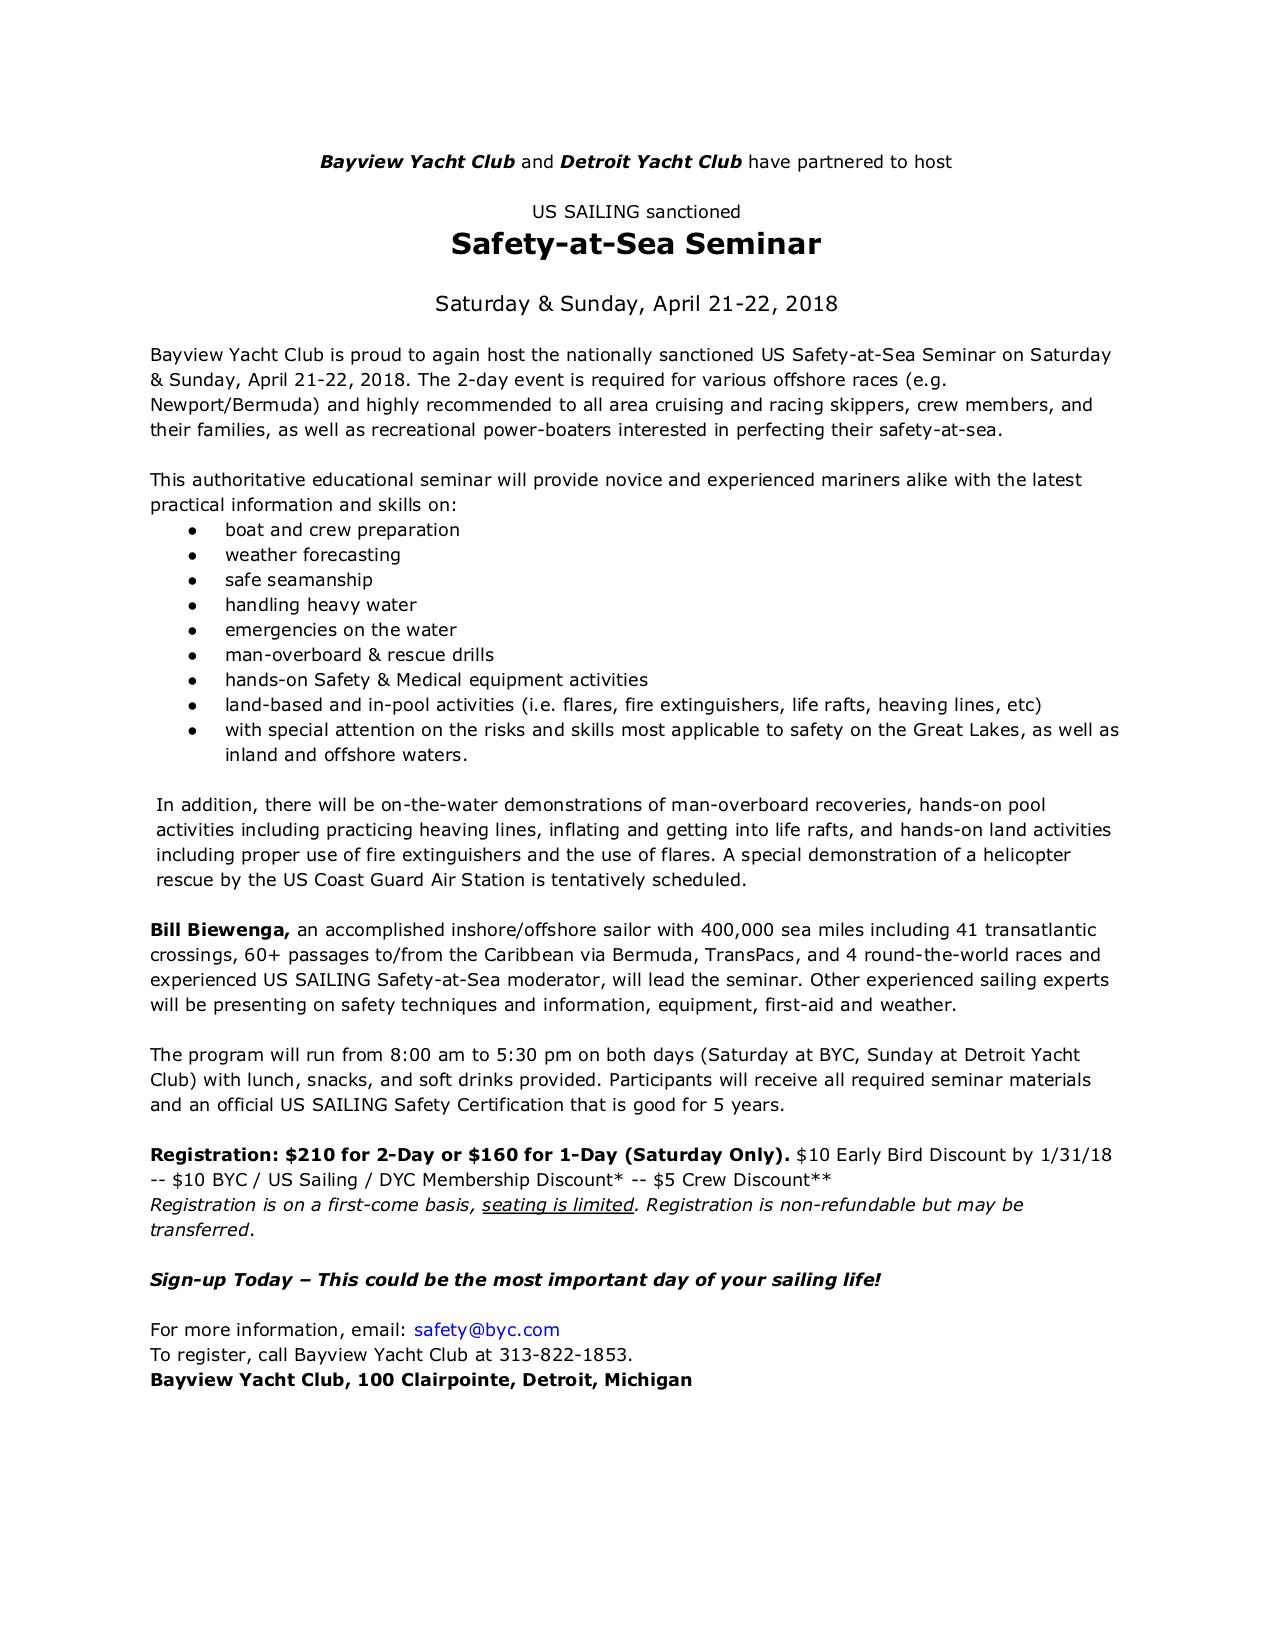 Bayview Safety-At-Sea Seminar.png